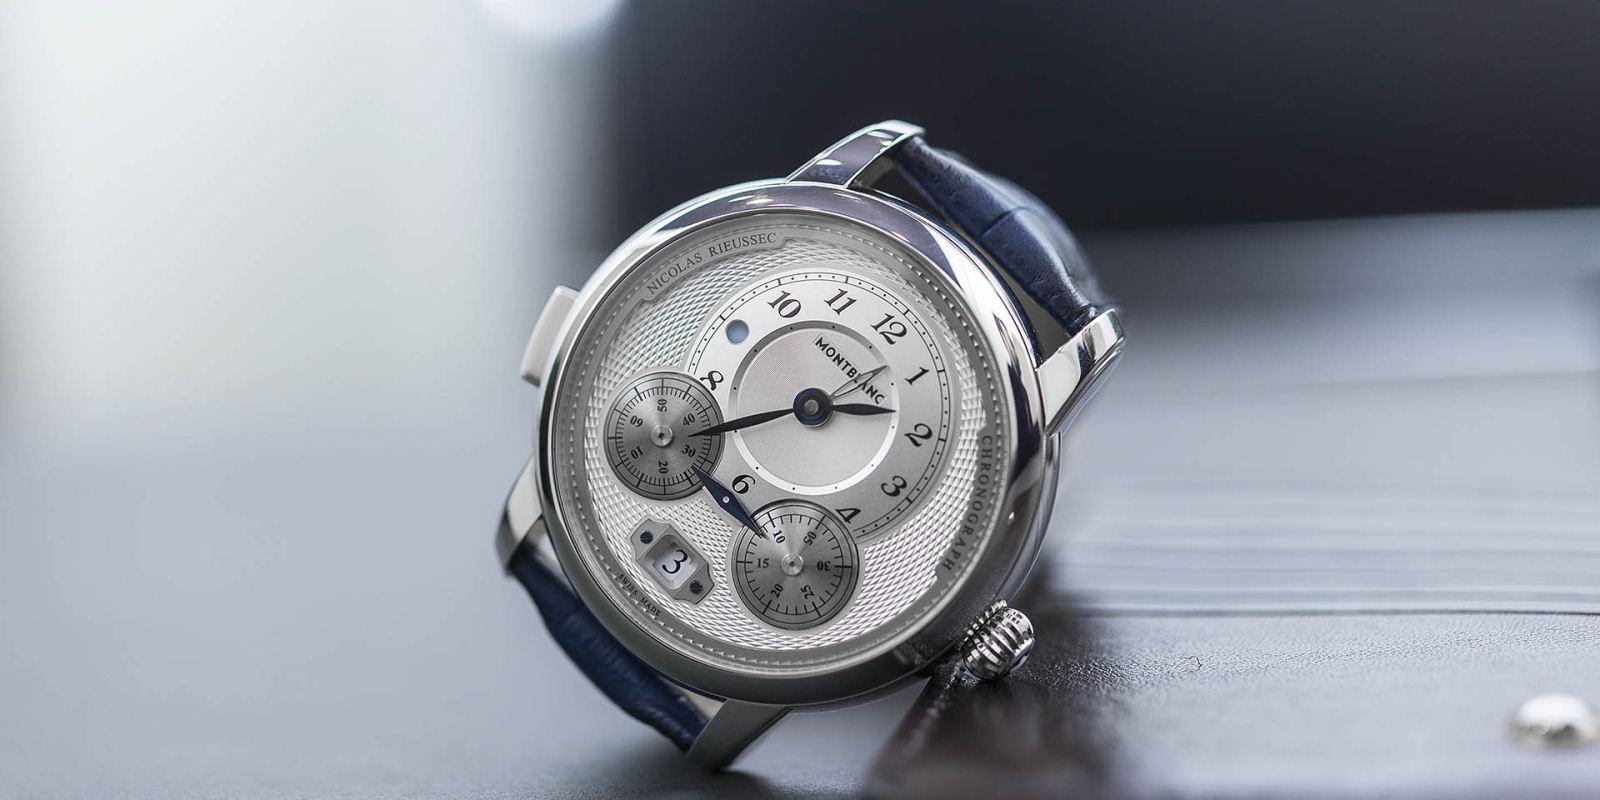 Đồng hồ Montblanc Star Legacy Nicholas Rieussec Chronograph